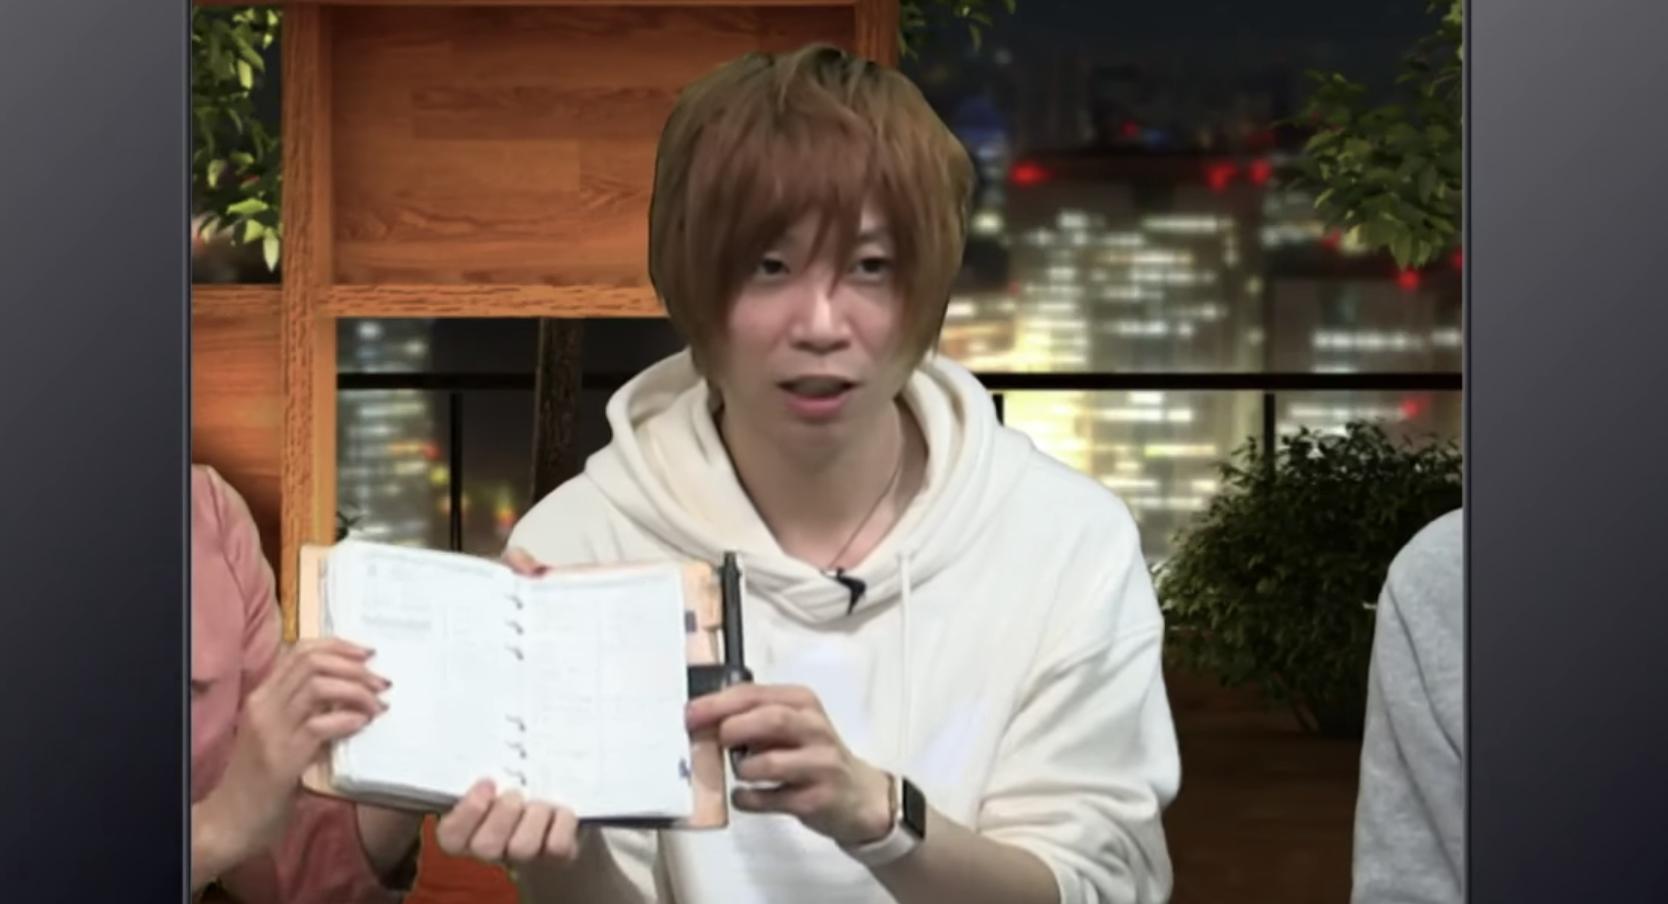 前田裕二さんの手帳のフォーマットが私と似ていたことが嬉しい